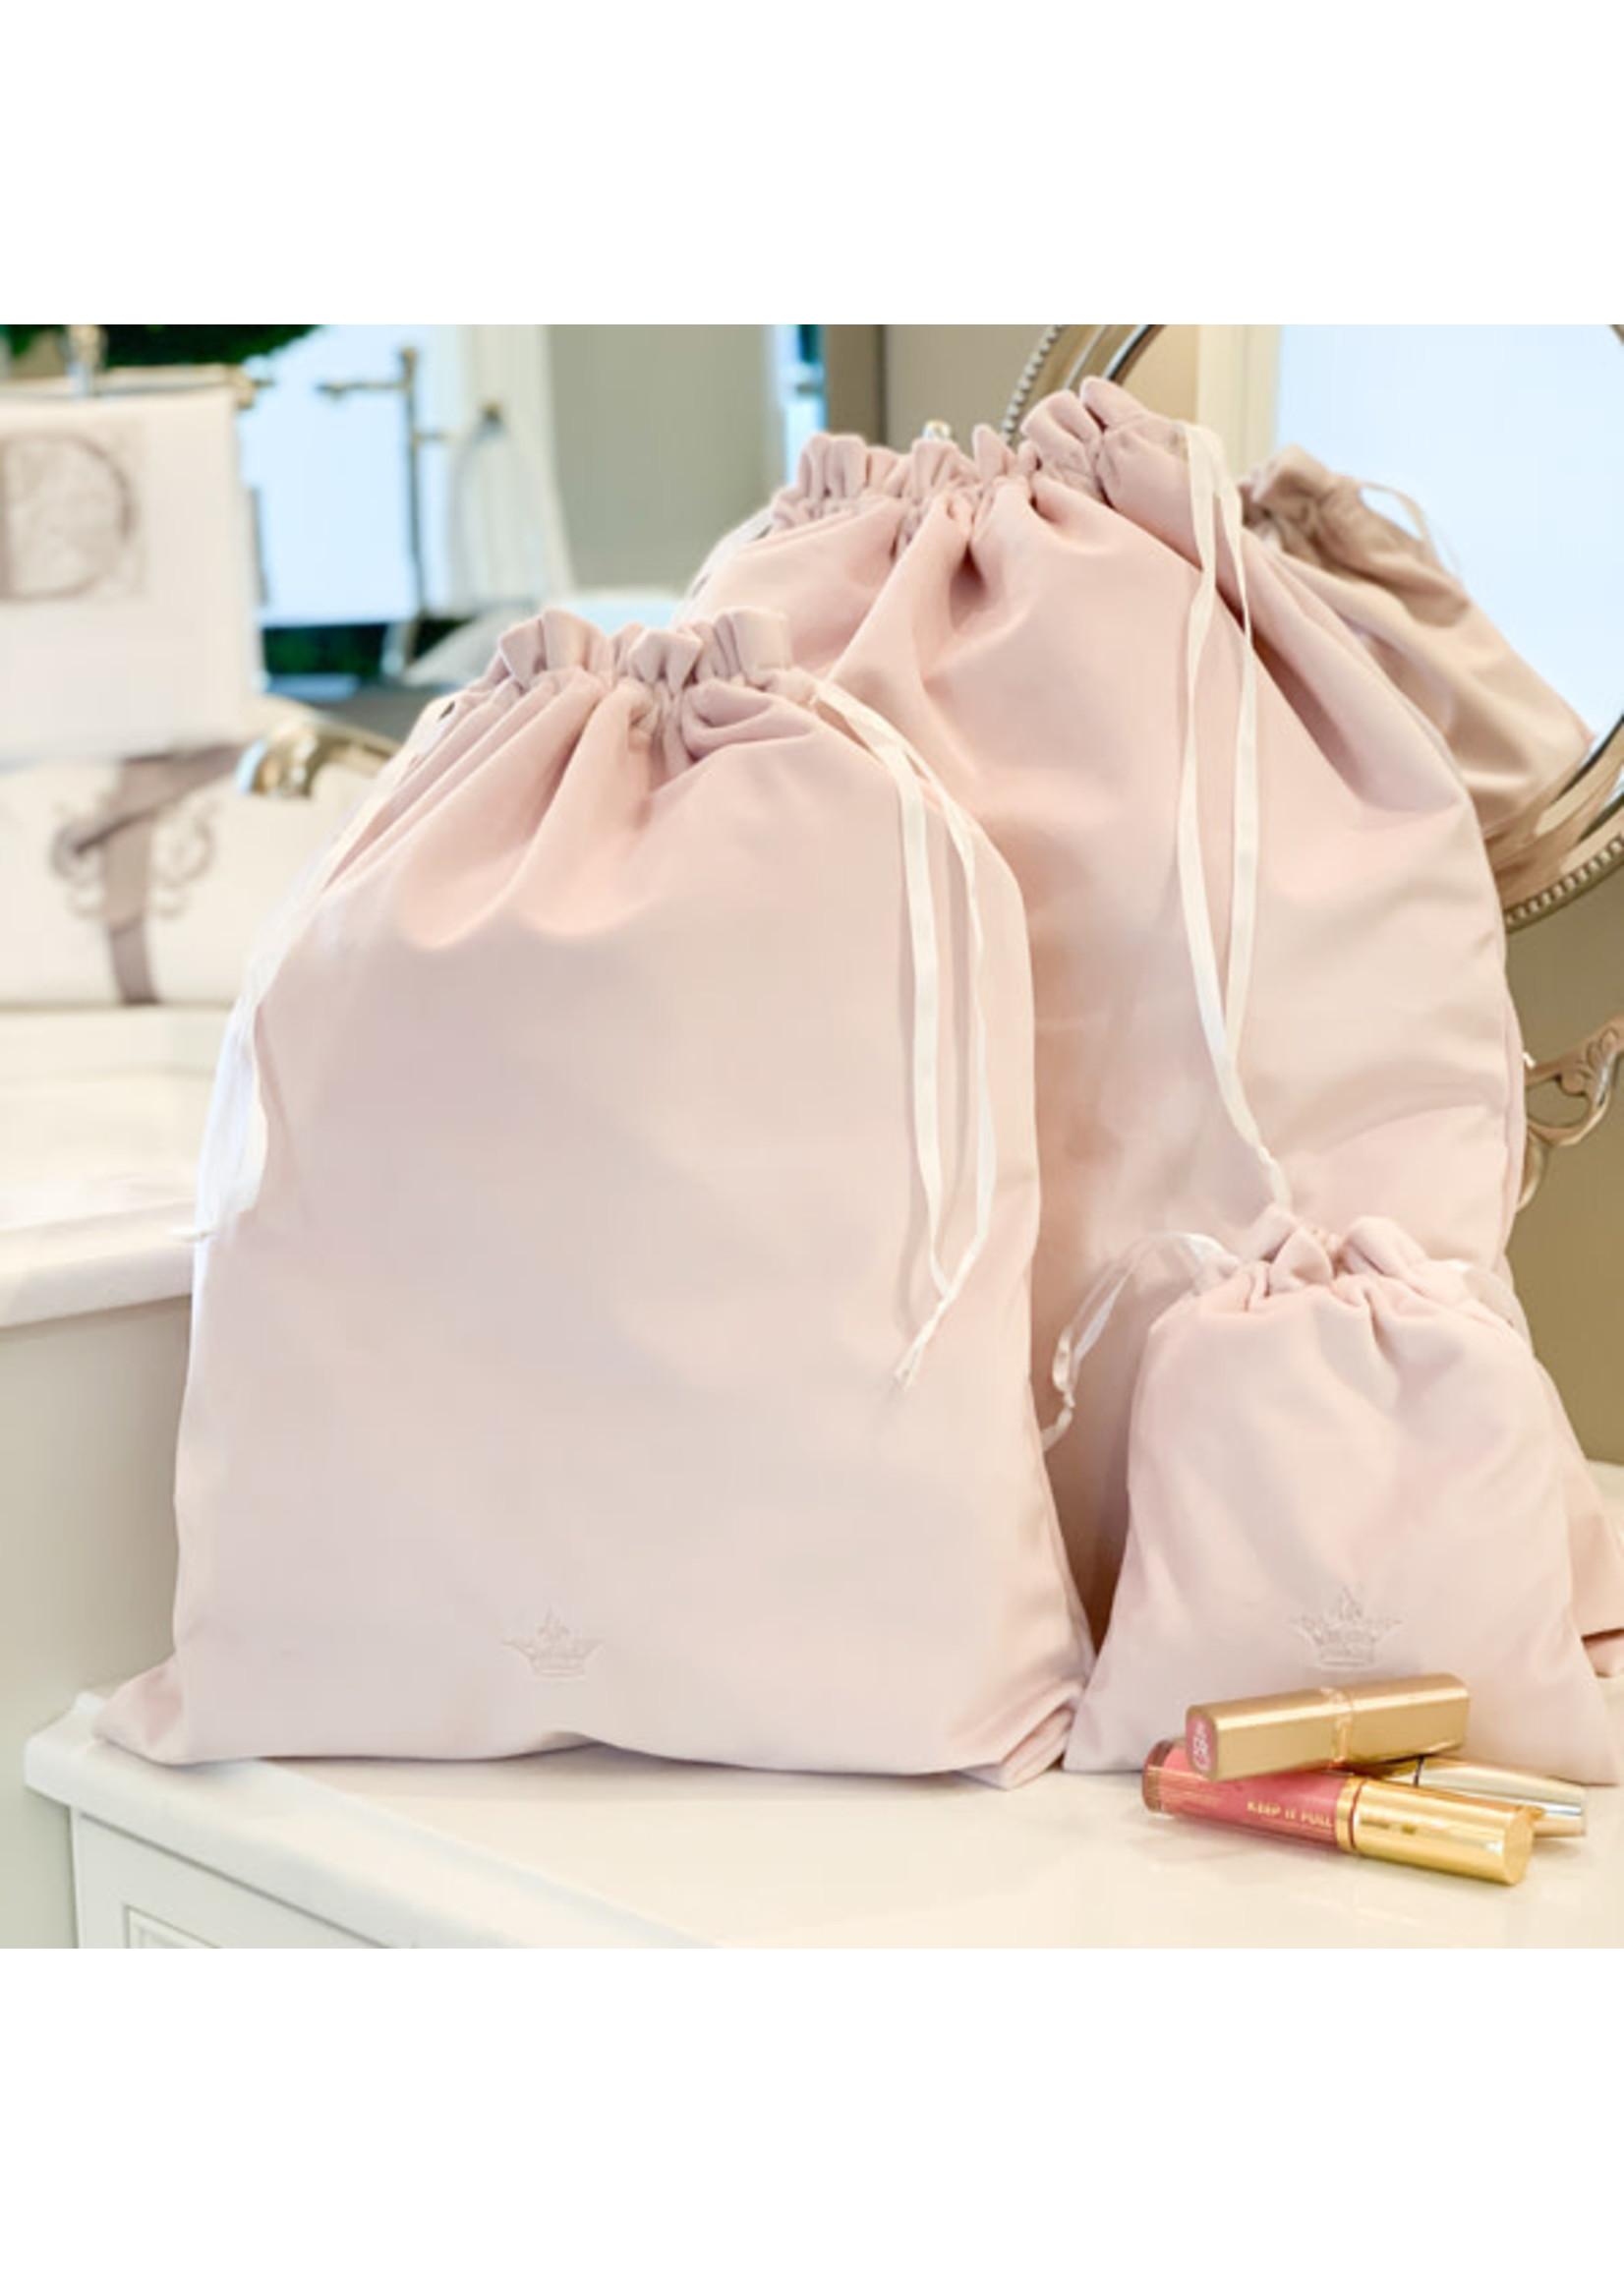 Crown Linen Cinch Bags - Crown - Velvet Pink (set of 3)